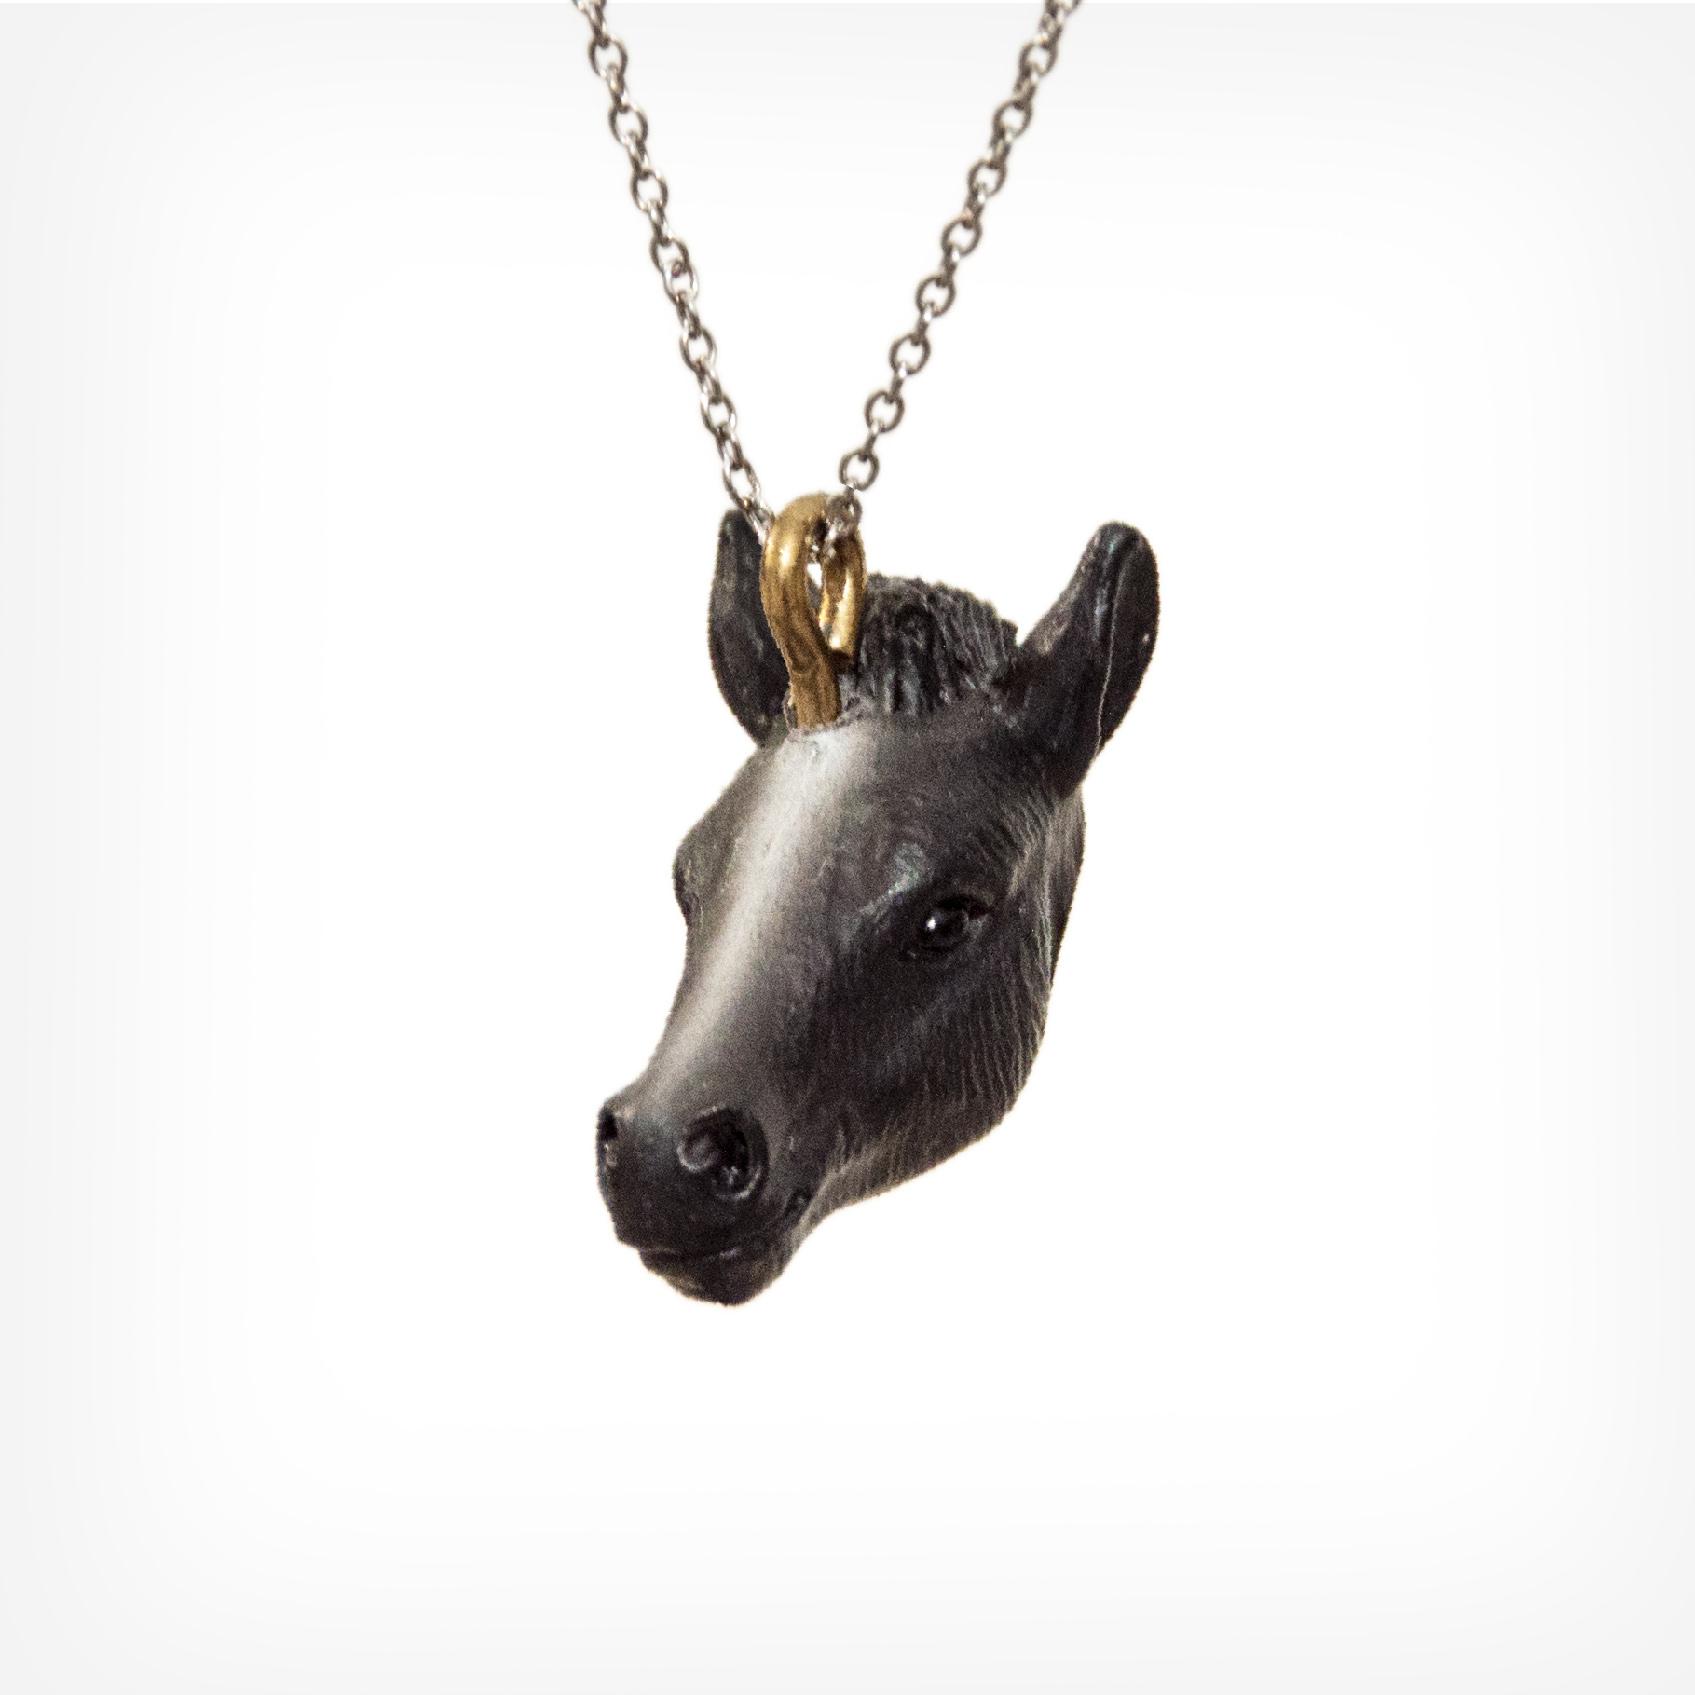 Pferd schwarz | horse black